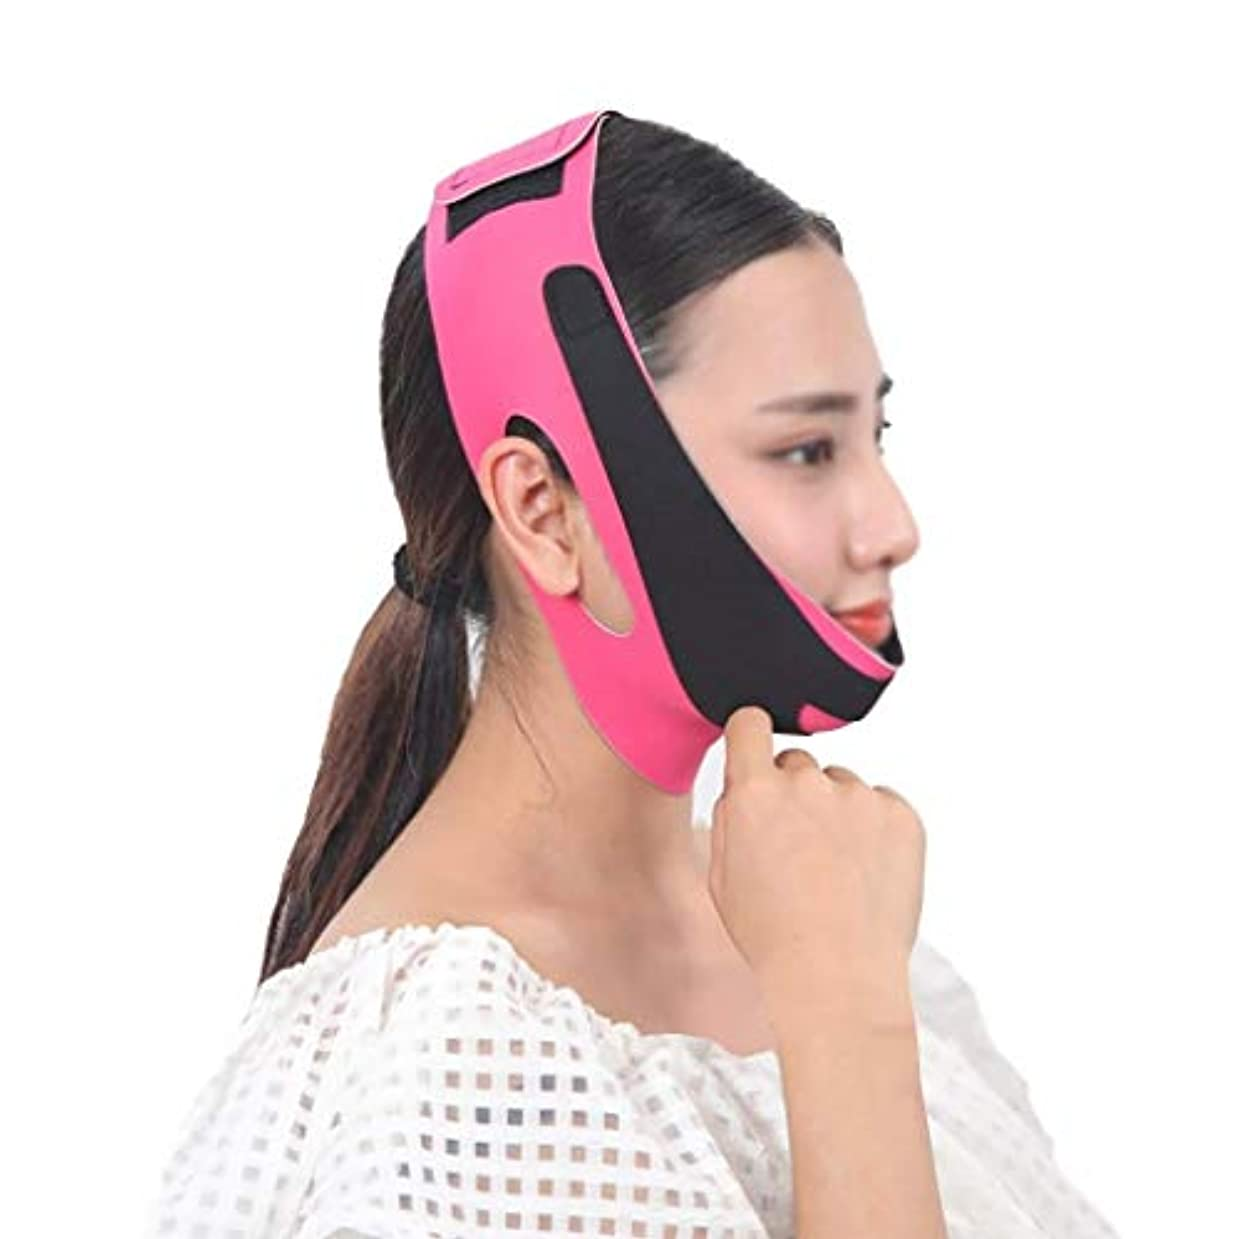 モトリー担保透けるフェイスアンドネックリフト術後弾性フェイスマスク小さなV顔アーティファクト薄い顔包帯アーティファクトV顔ぶら下げ耳リフティング引き締め薄い顔アーティファクト